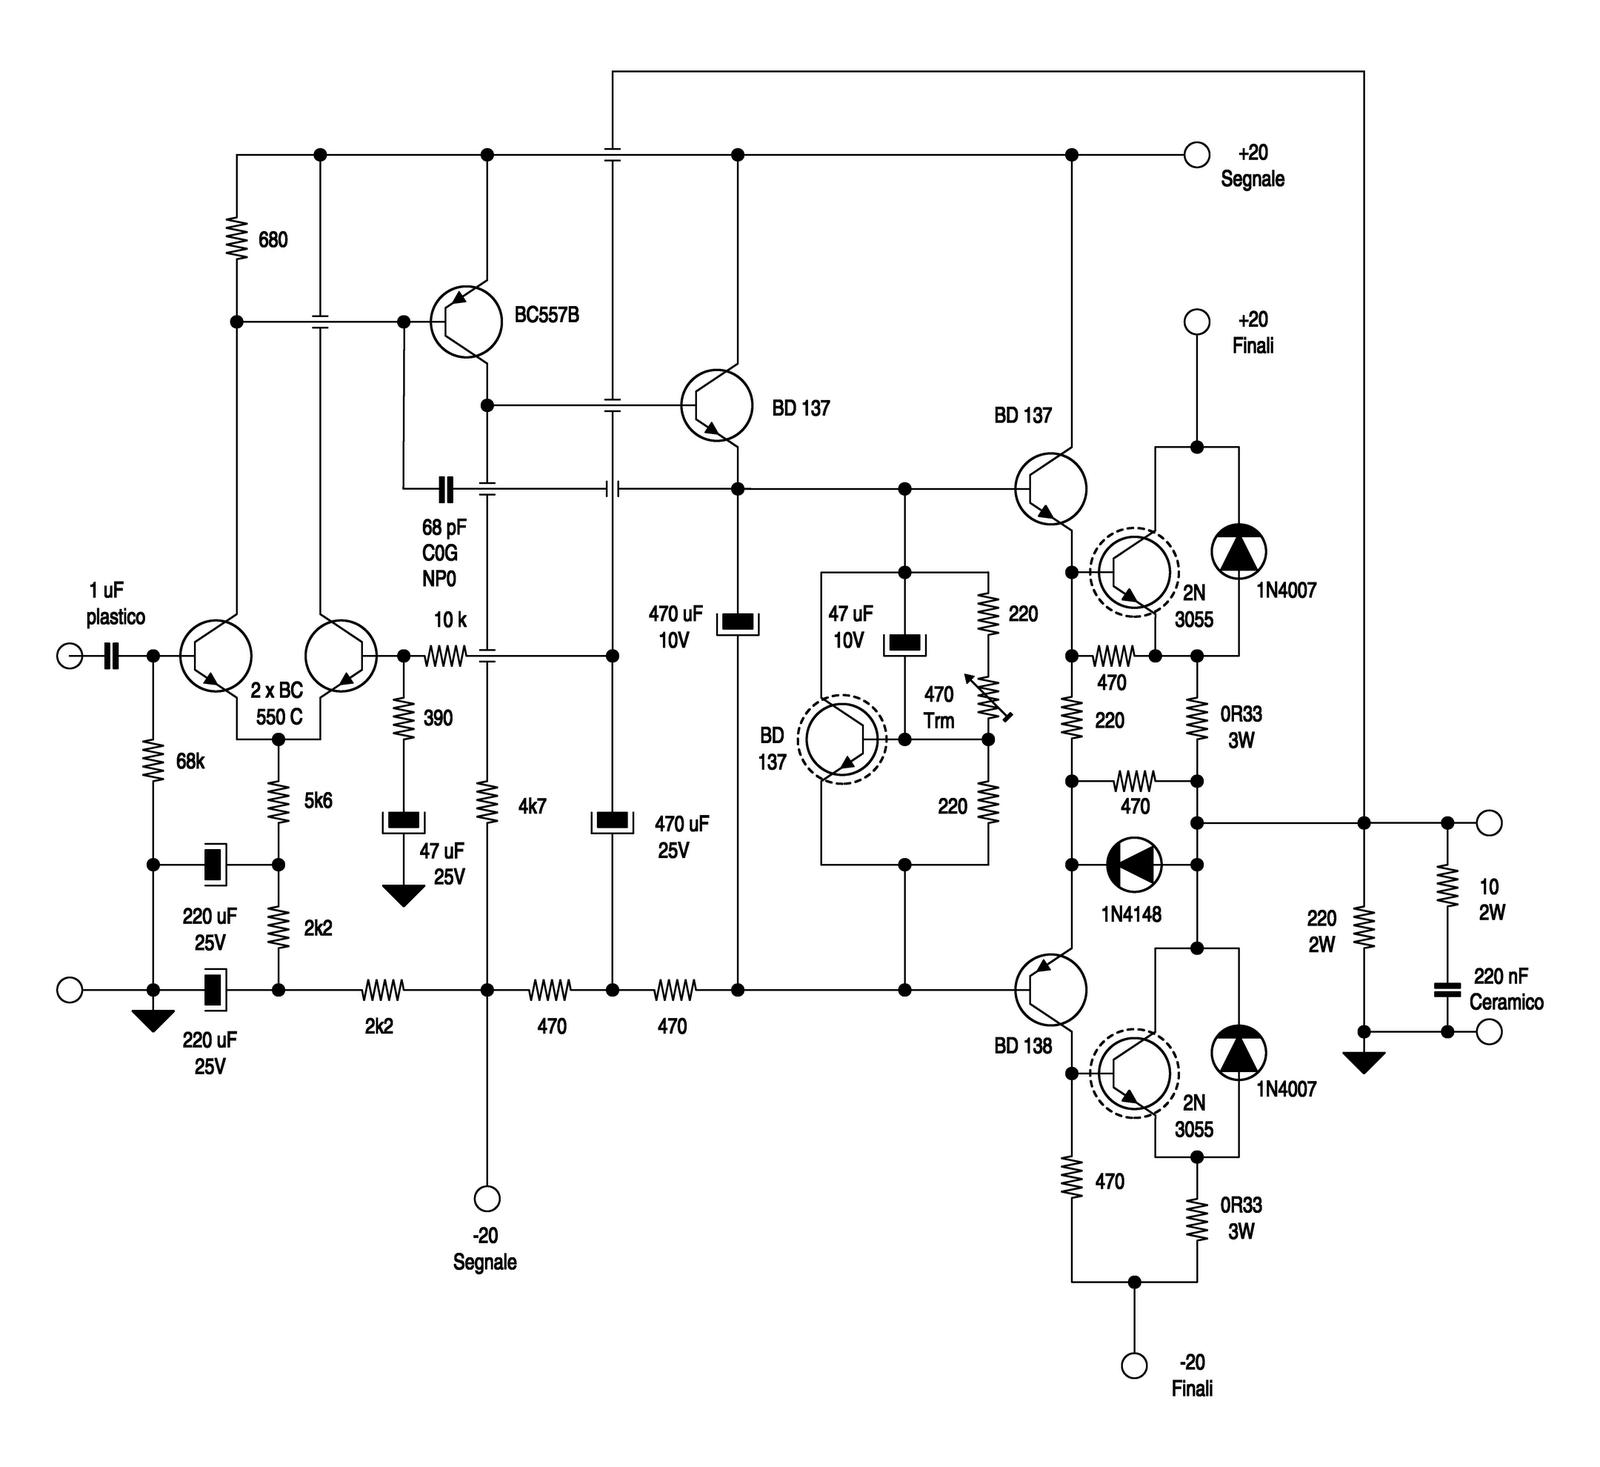 Schemi Elettrici Giradischi Lesa : Schemi elettrici giradischi lesa schema elettrico